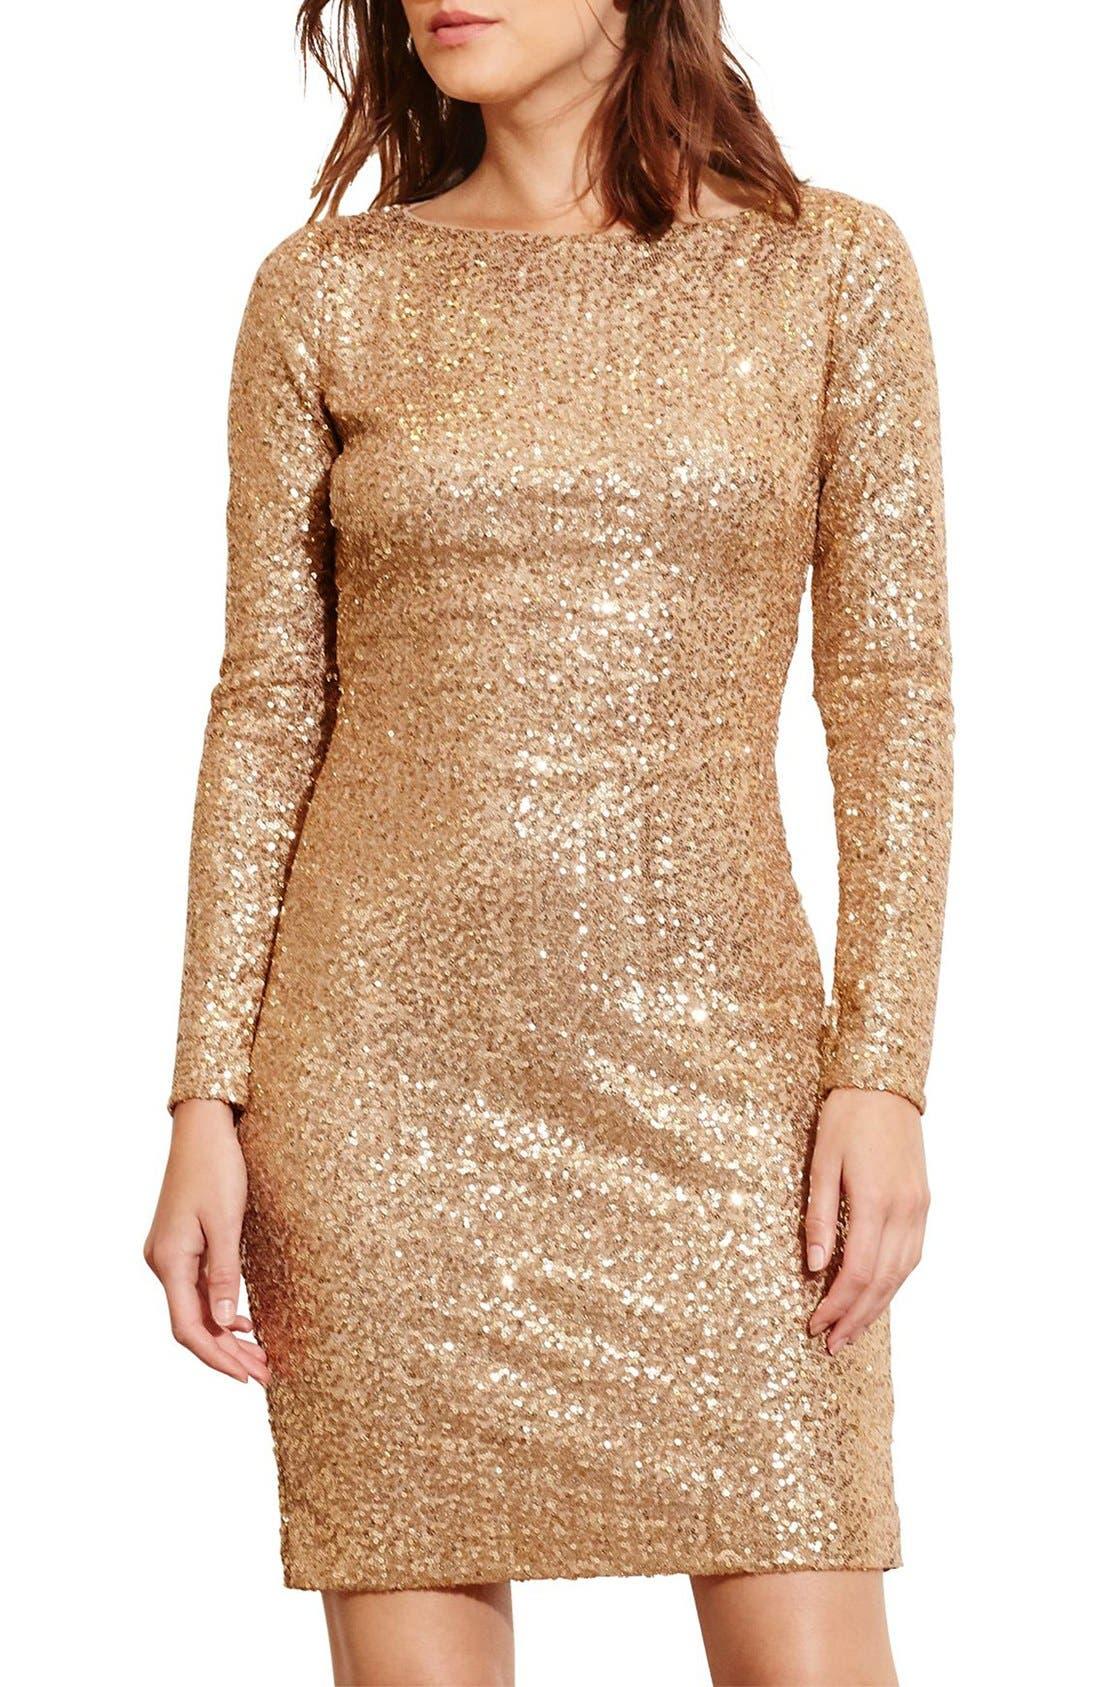 Main Image - Lauren Ralph Lauren Backless Sequin Dress (Petite)